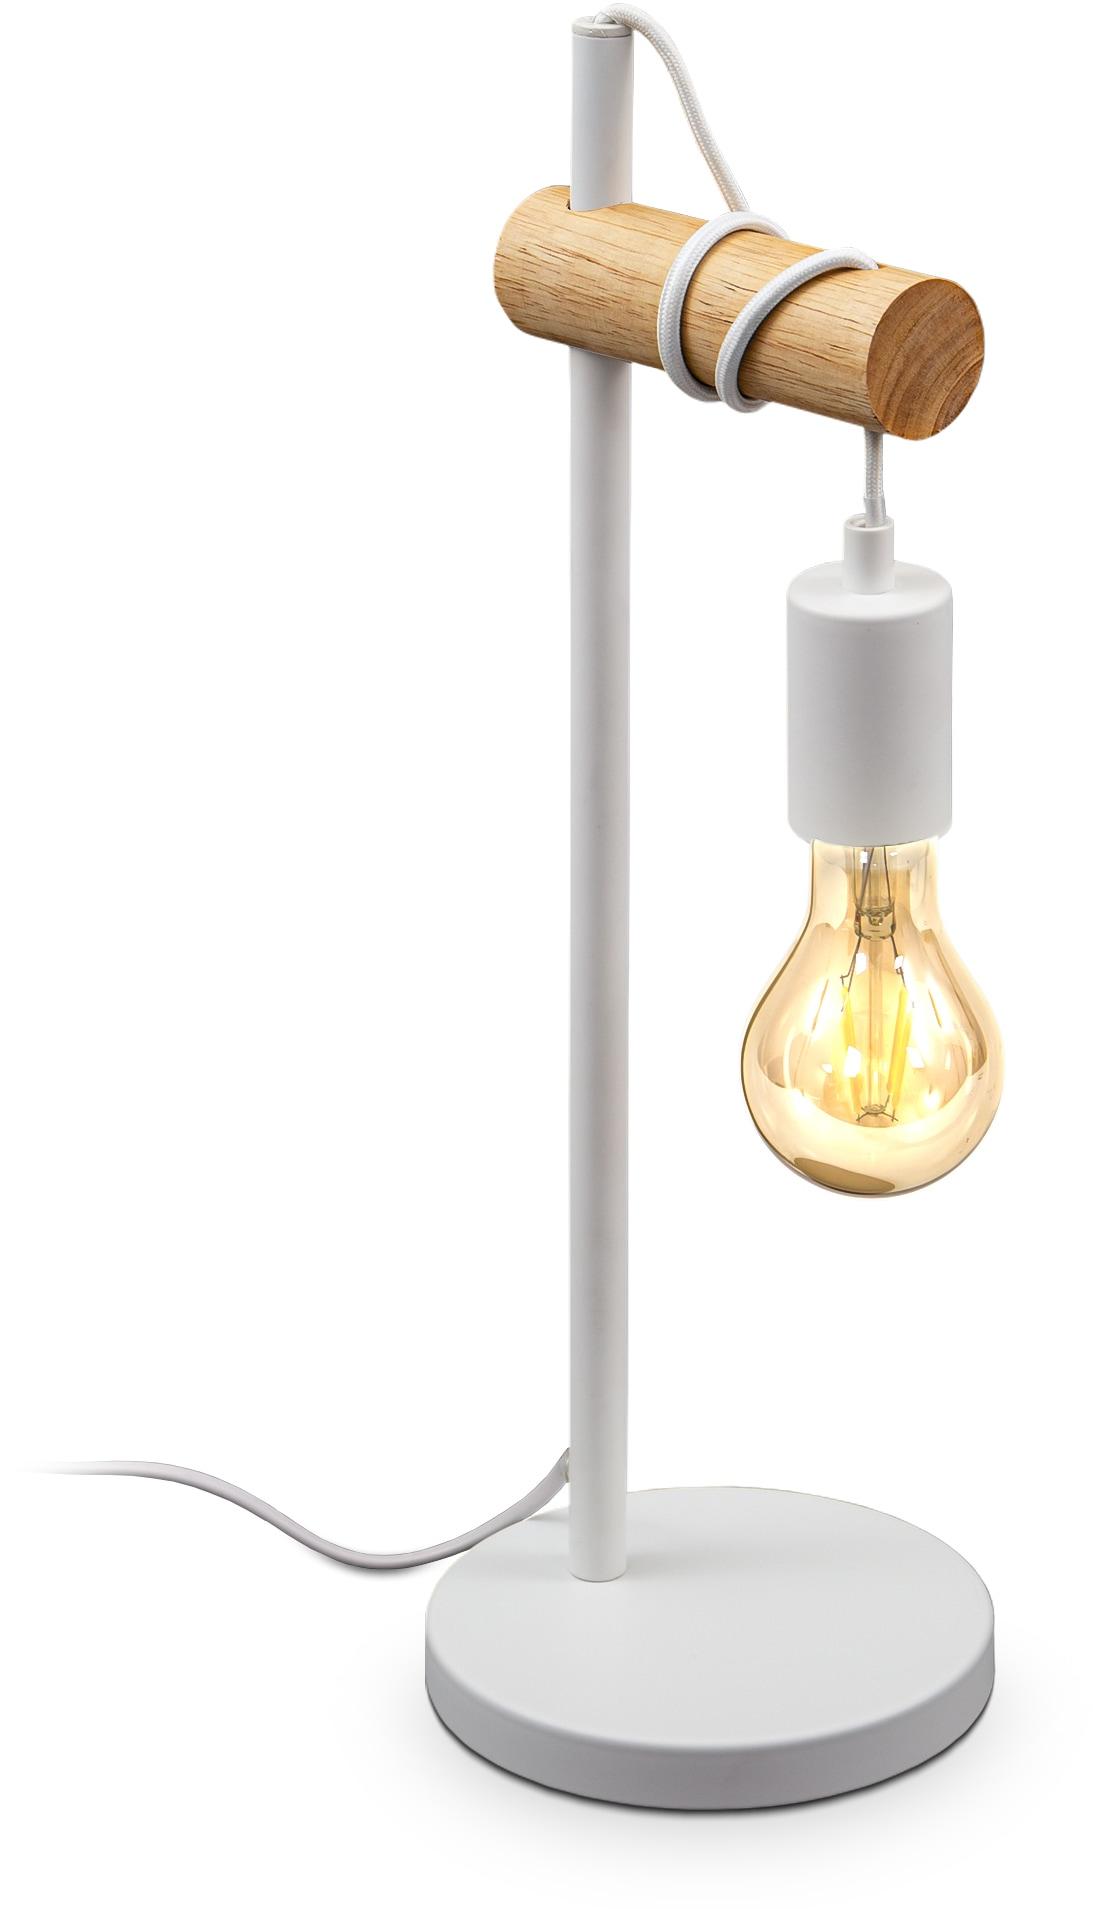 B.K.Licht Tischleuchte, E27, 1 St., 1 flammige Vintage Tischlampe, Industrial Design, Retro Lampe, Stahl, Holz, Rund, E27, ohne Leuchtmittel